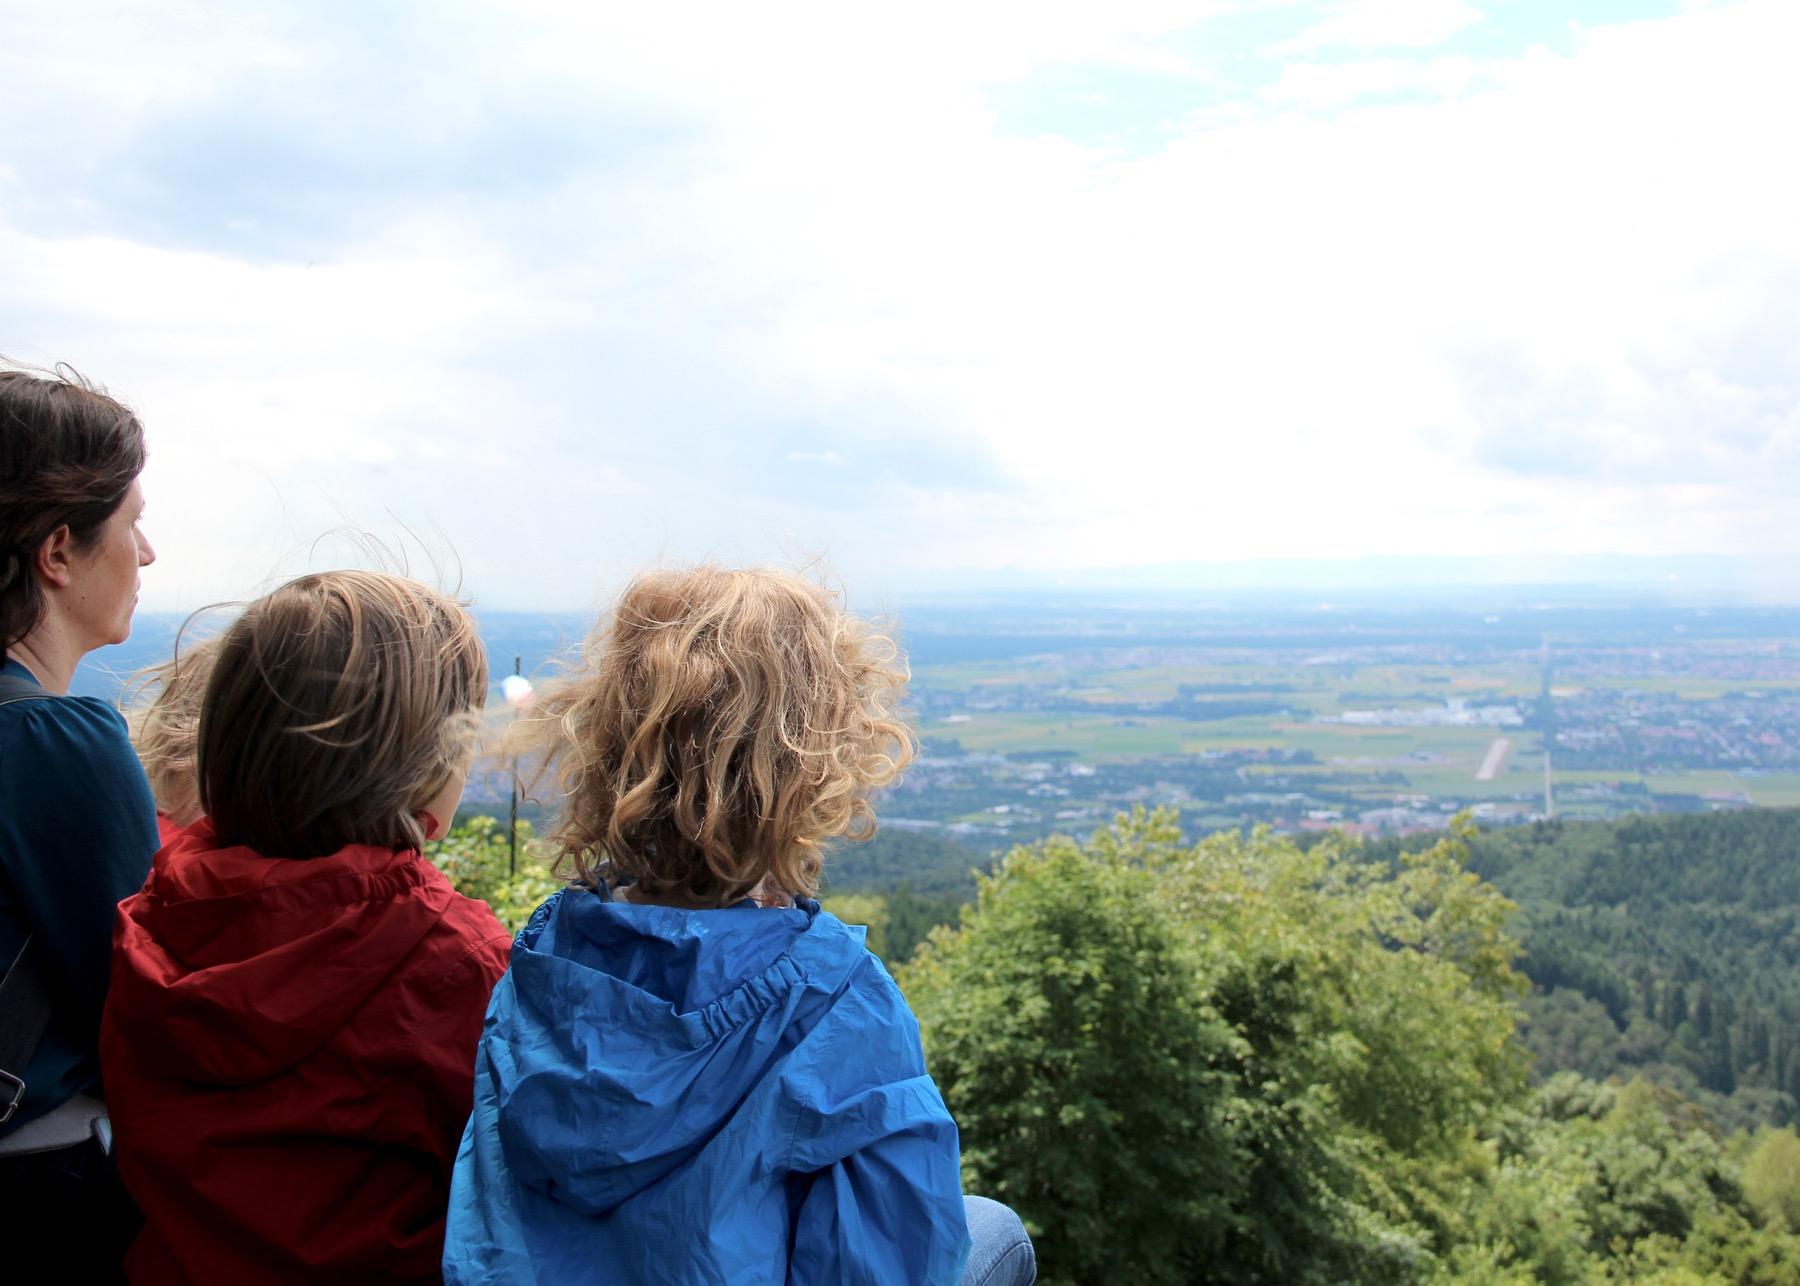 Reisetipps: Heidelberg mit Kindern entdecken